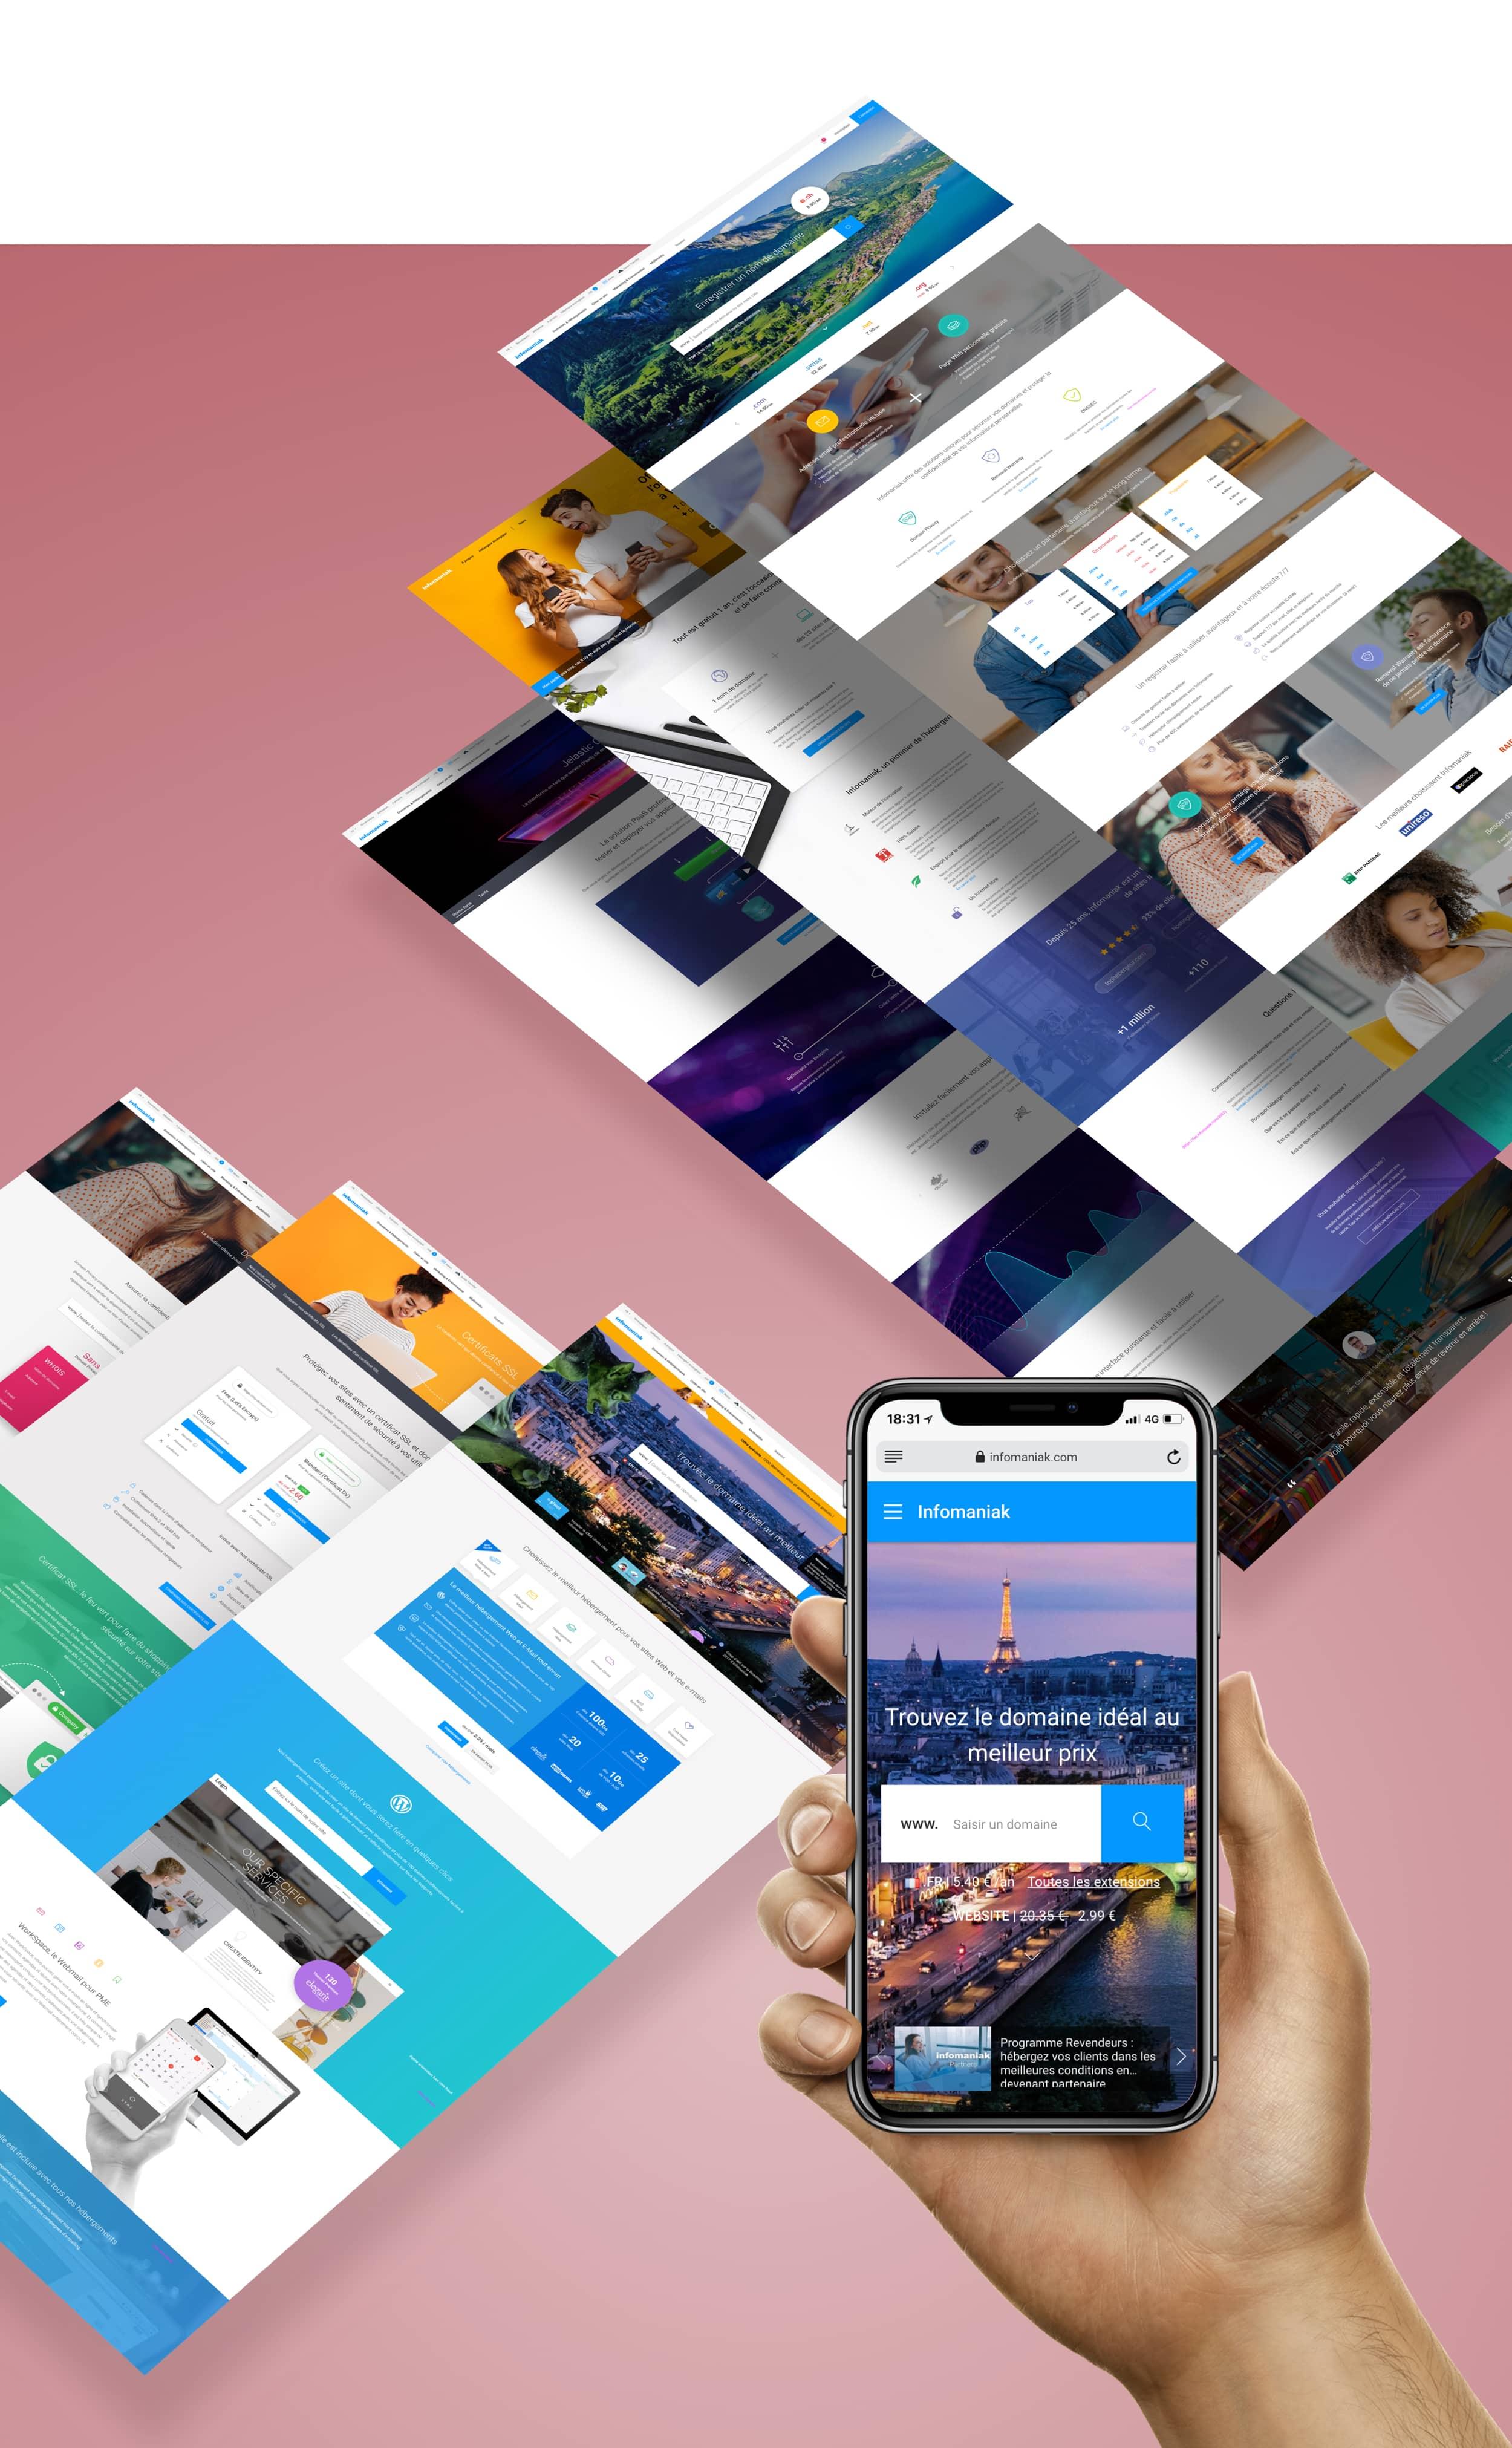 Site infomaniak web design